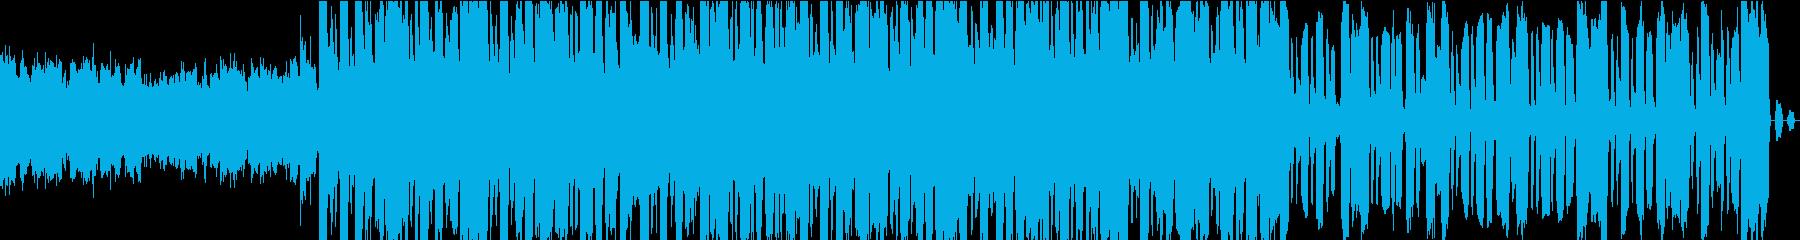 ラフで神秘的なエッジを持つレトロな...の再生済みの波形